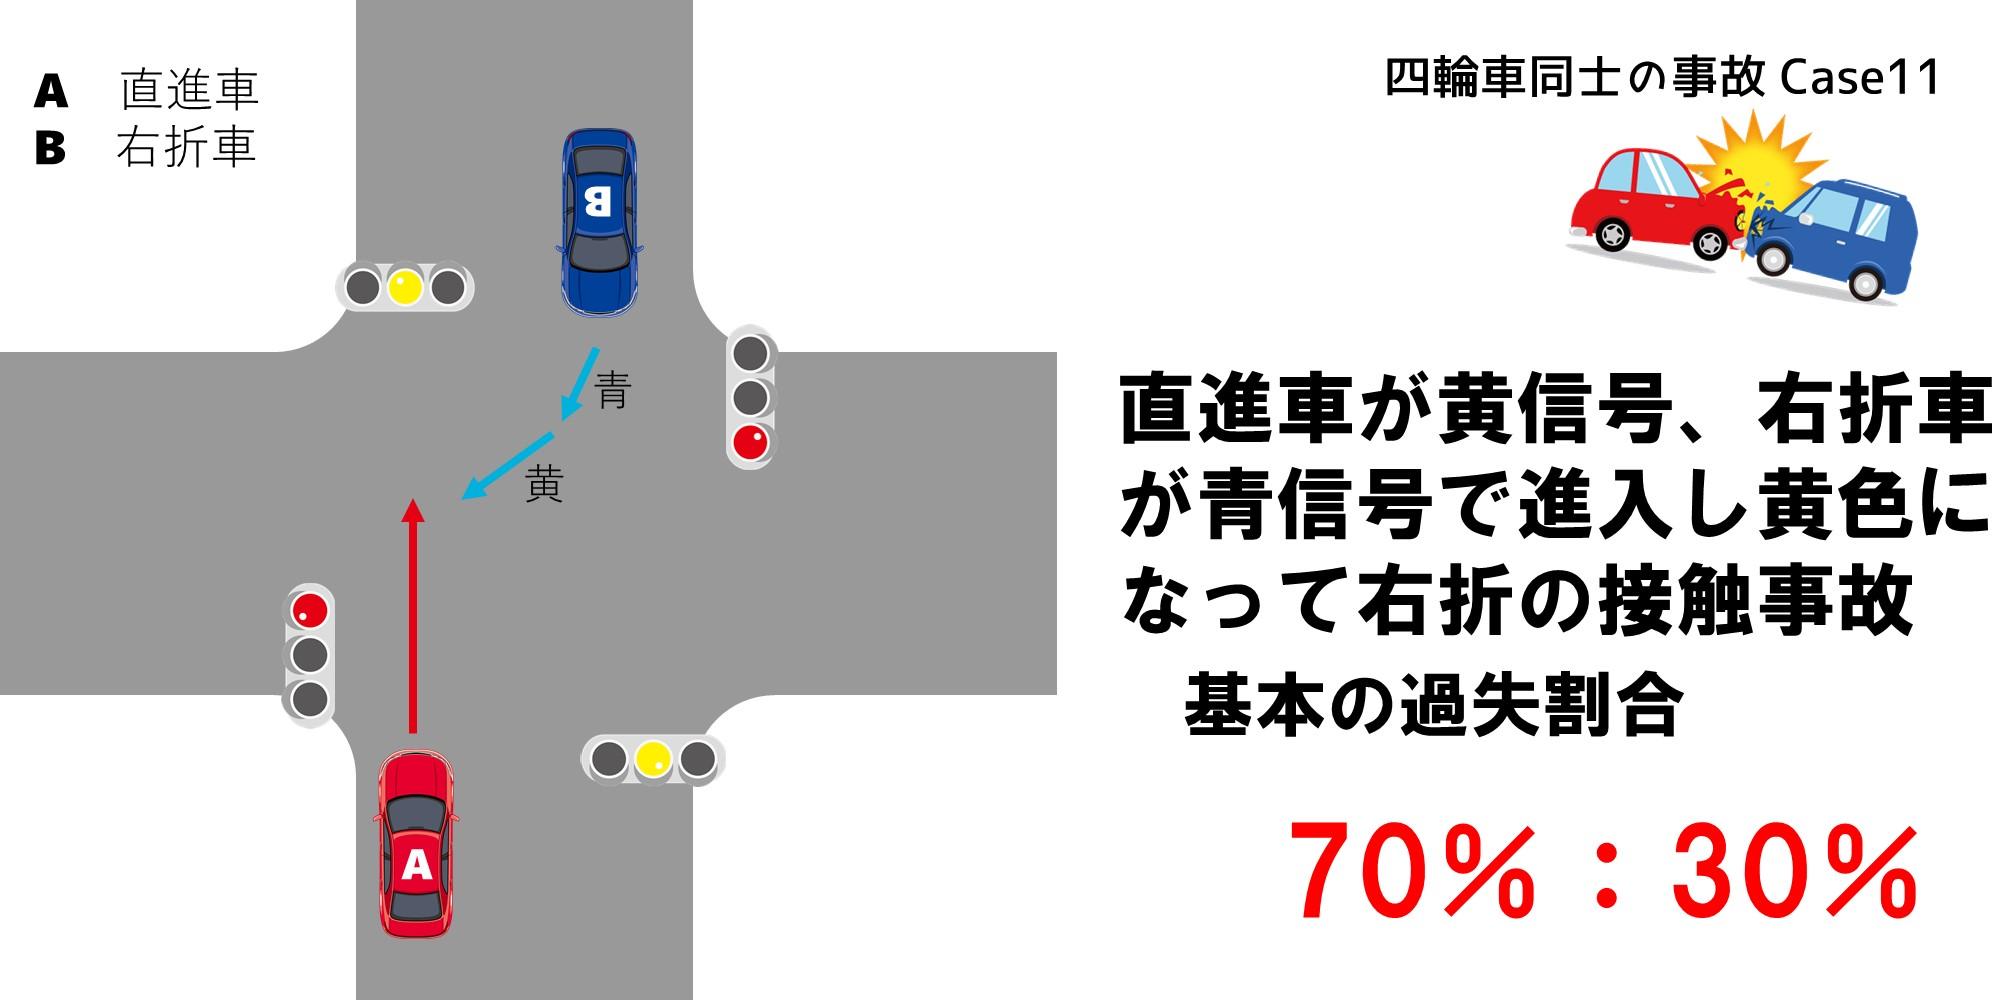 直進車が黄信号、右折車が青信号で進入し黄色になって右折した場合の過失割合